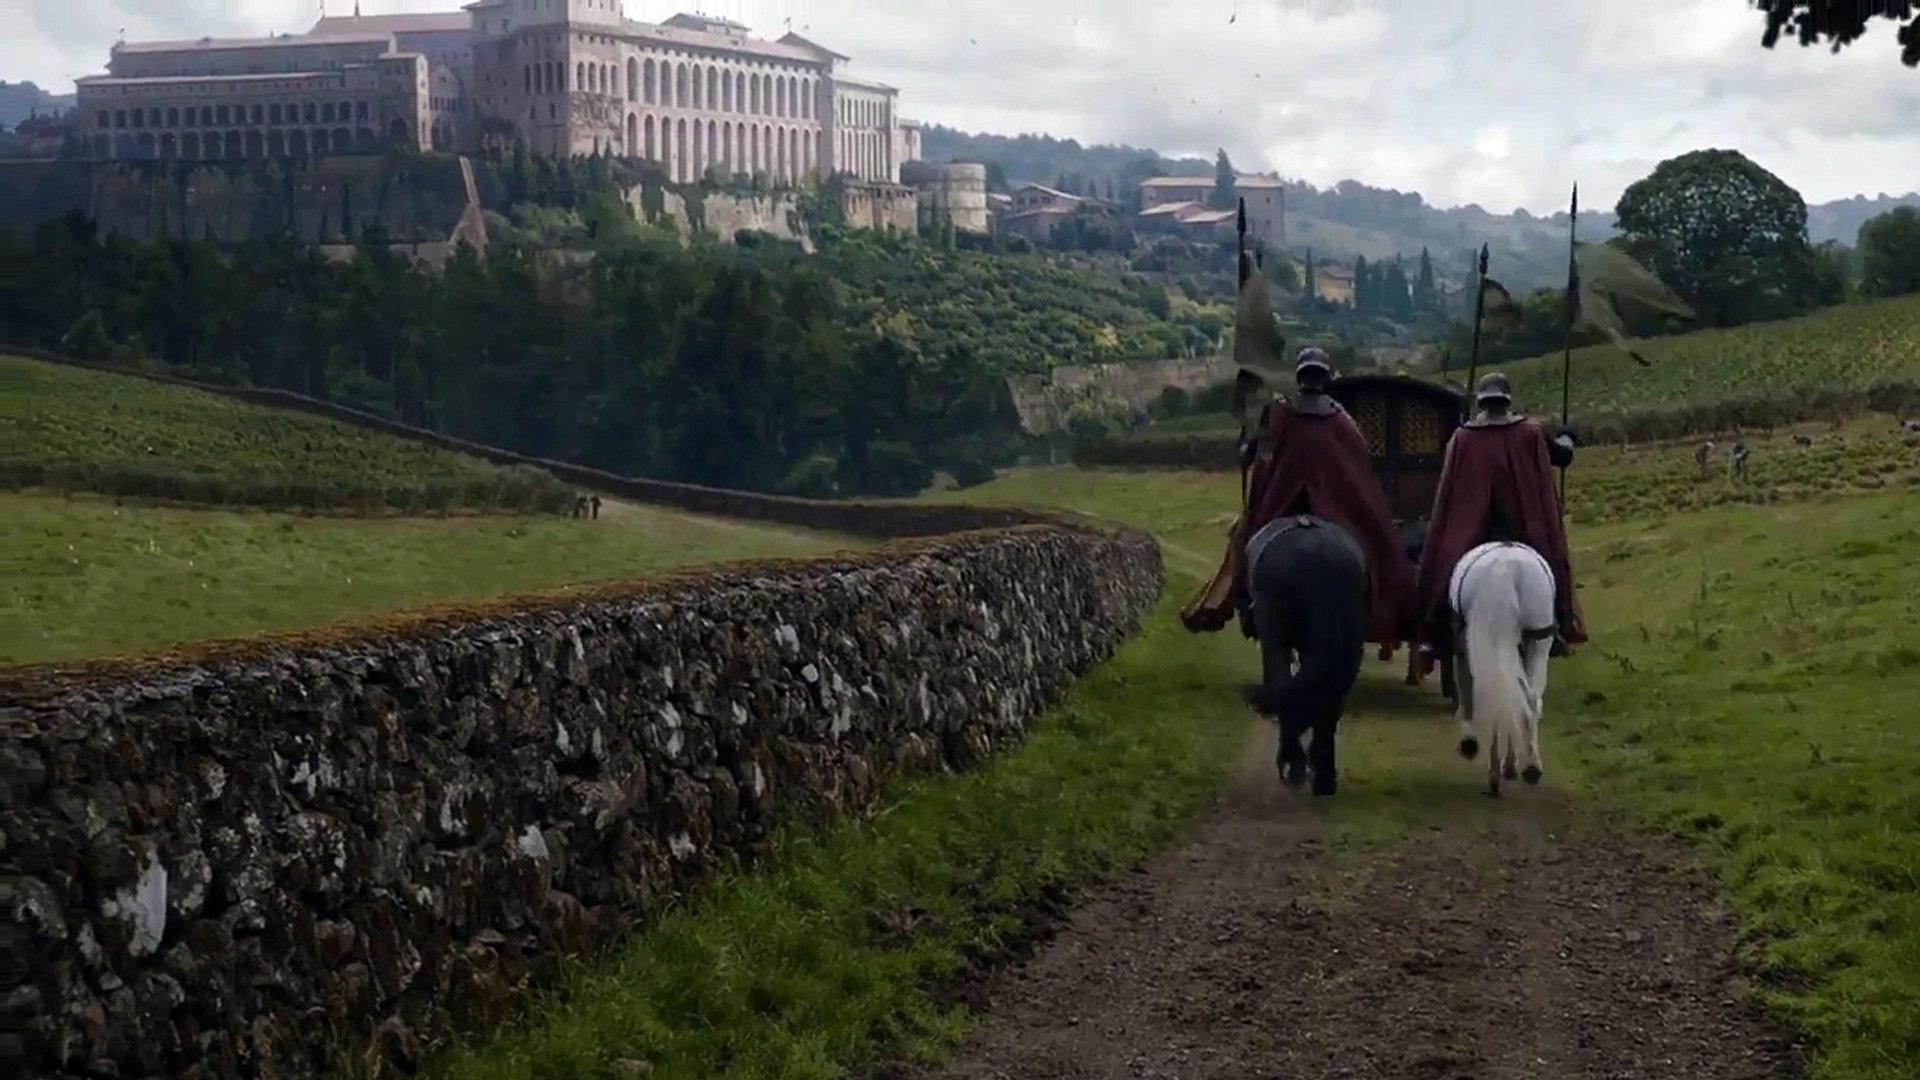 Juego de tronos (Game of Thrones) - Avance del episodio 6x06